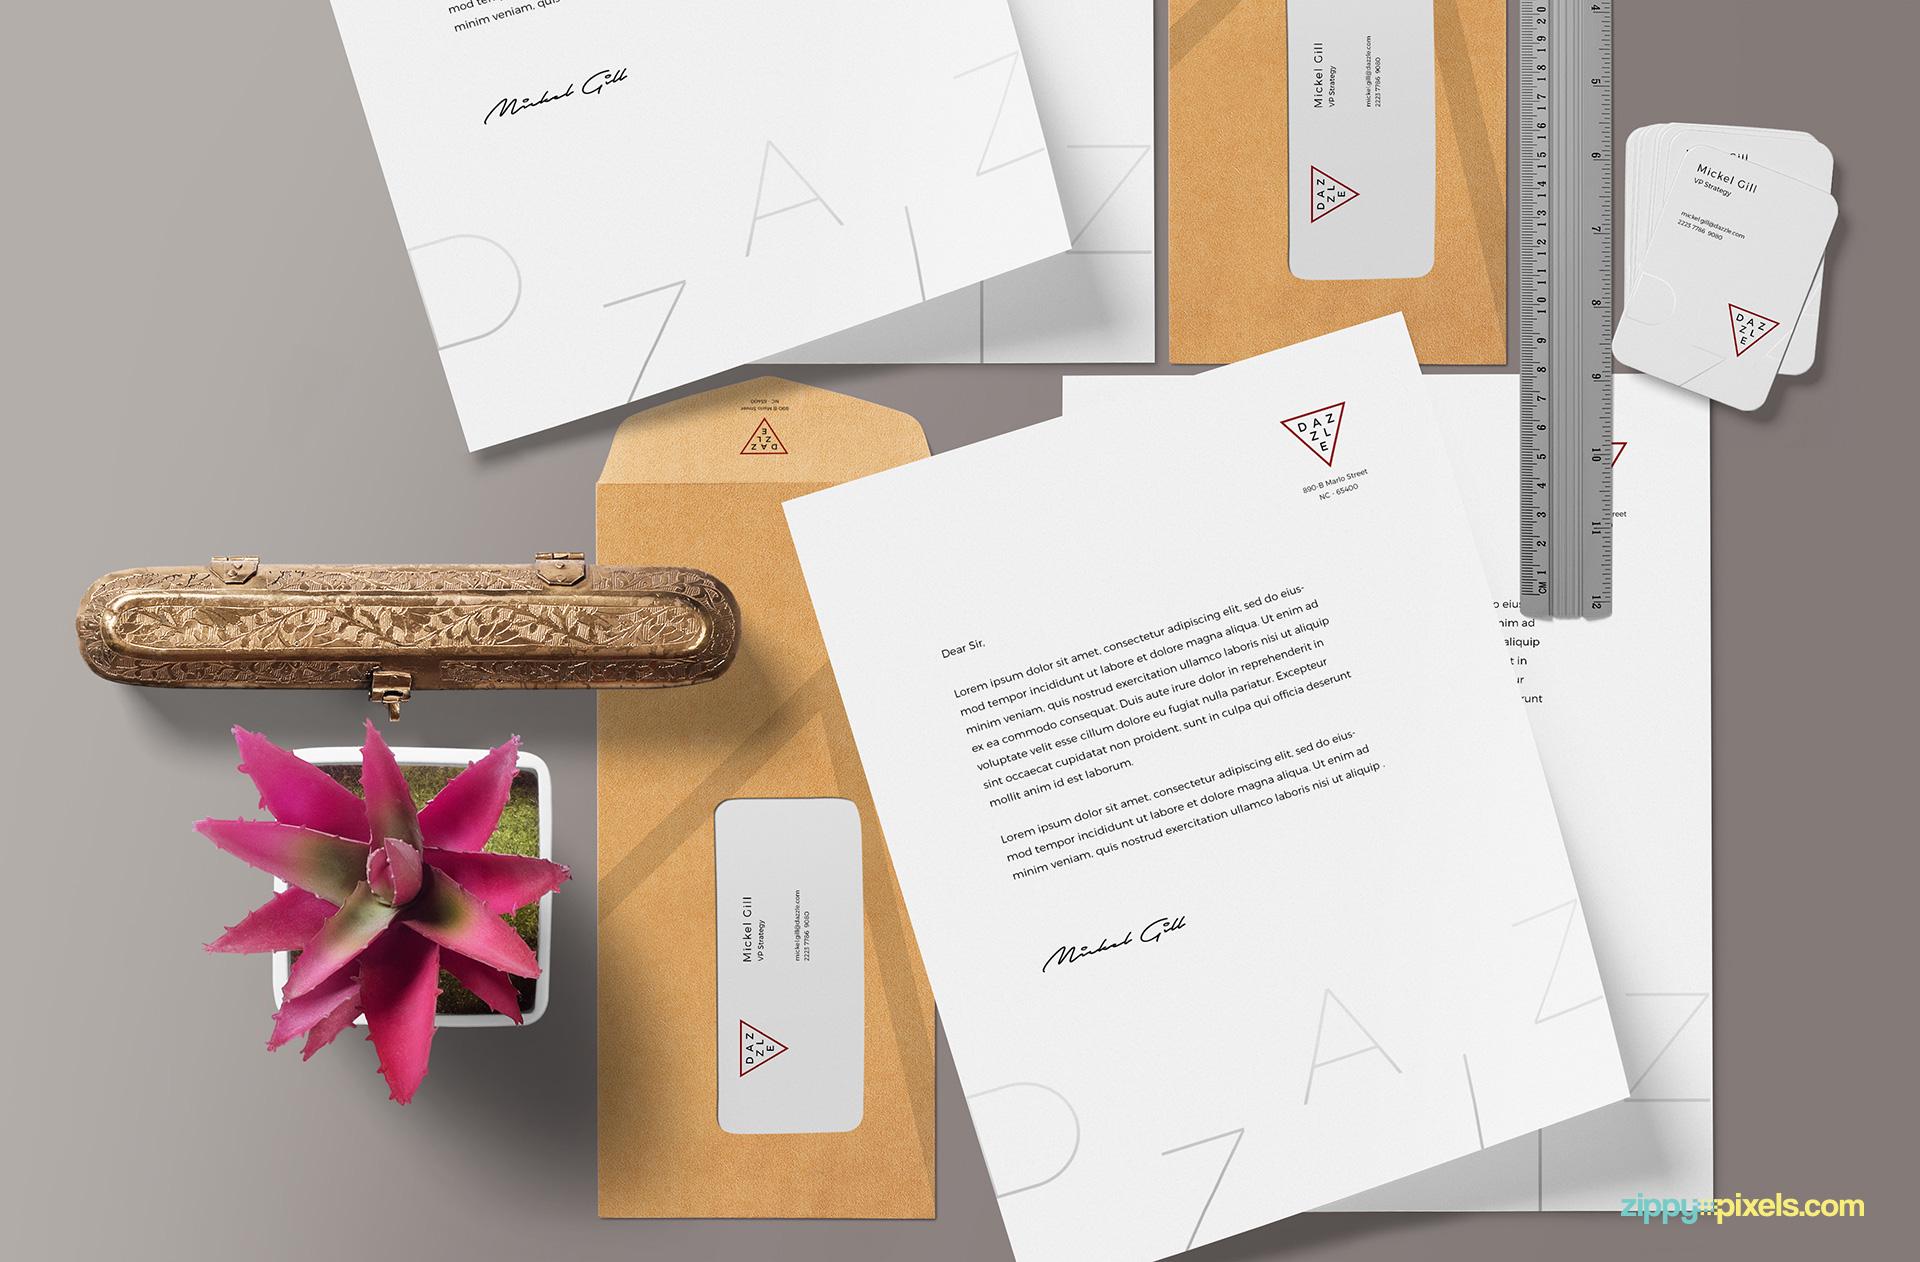 mockup-scene-paper-envelope